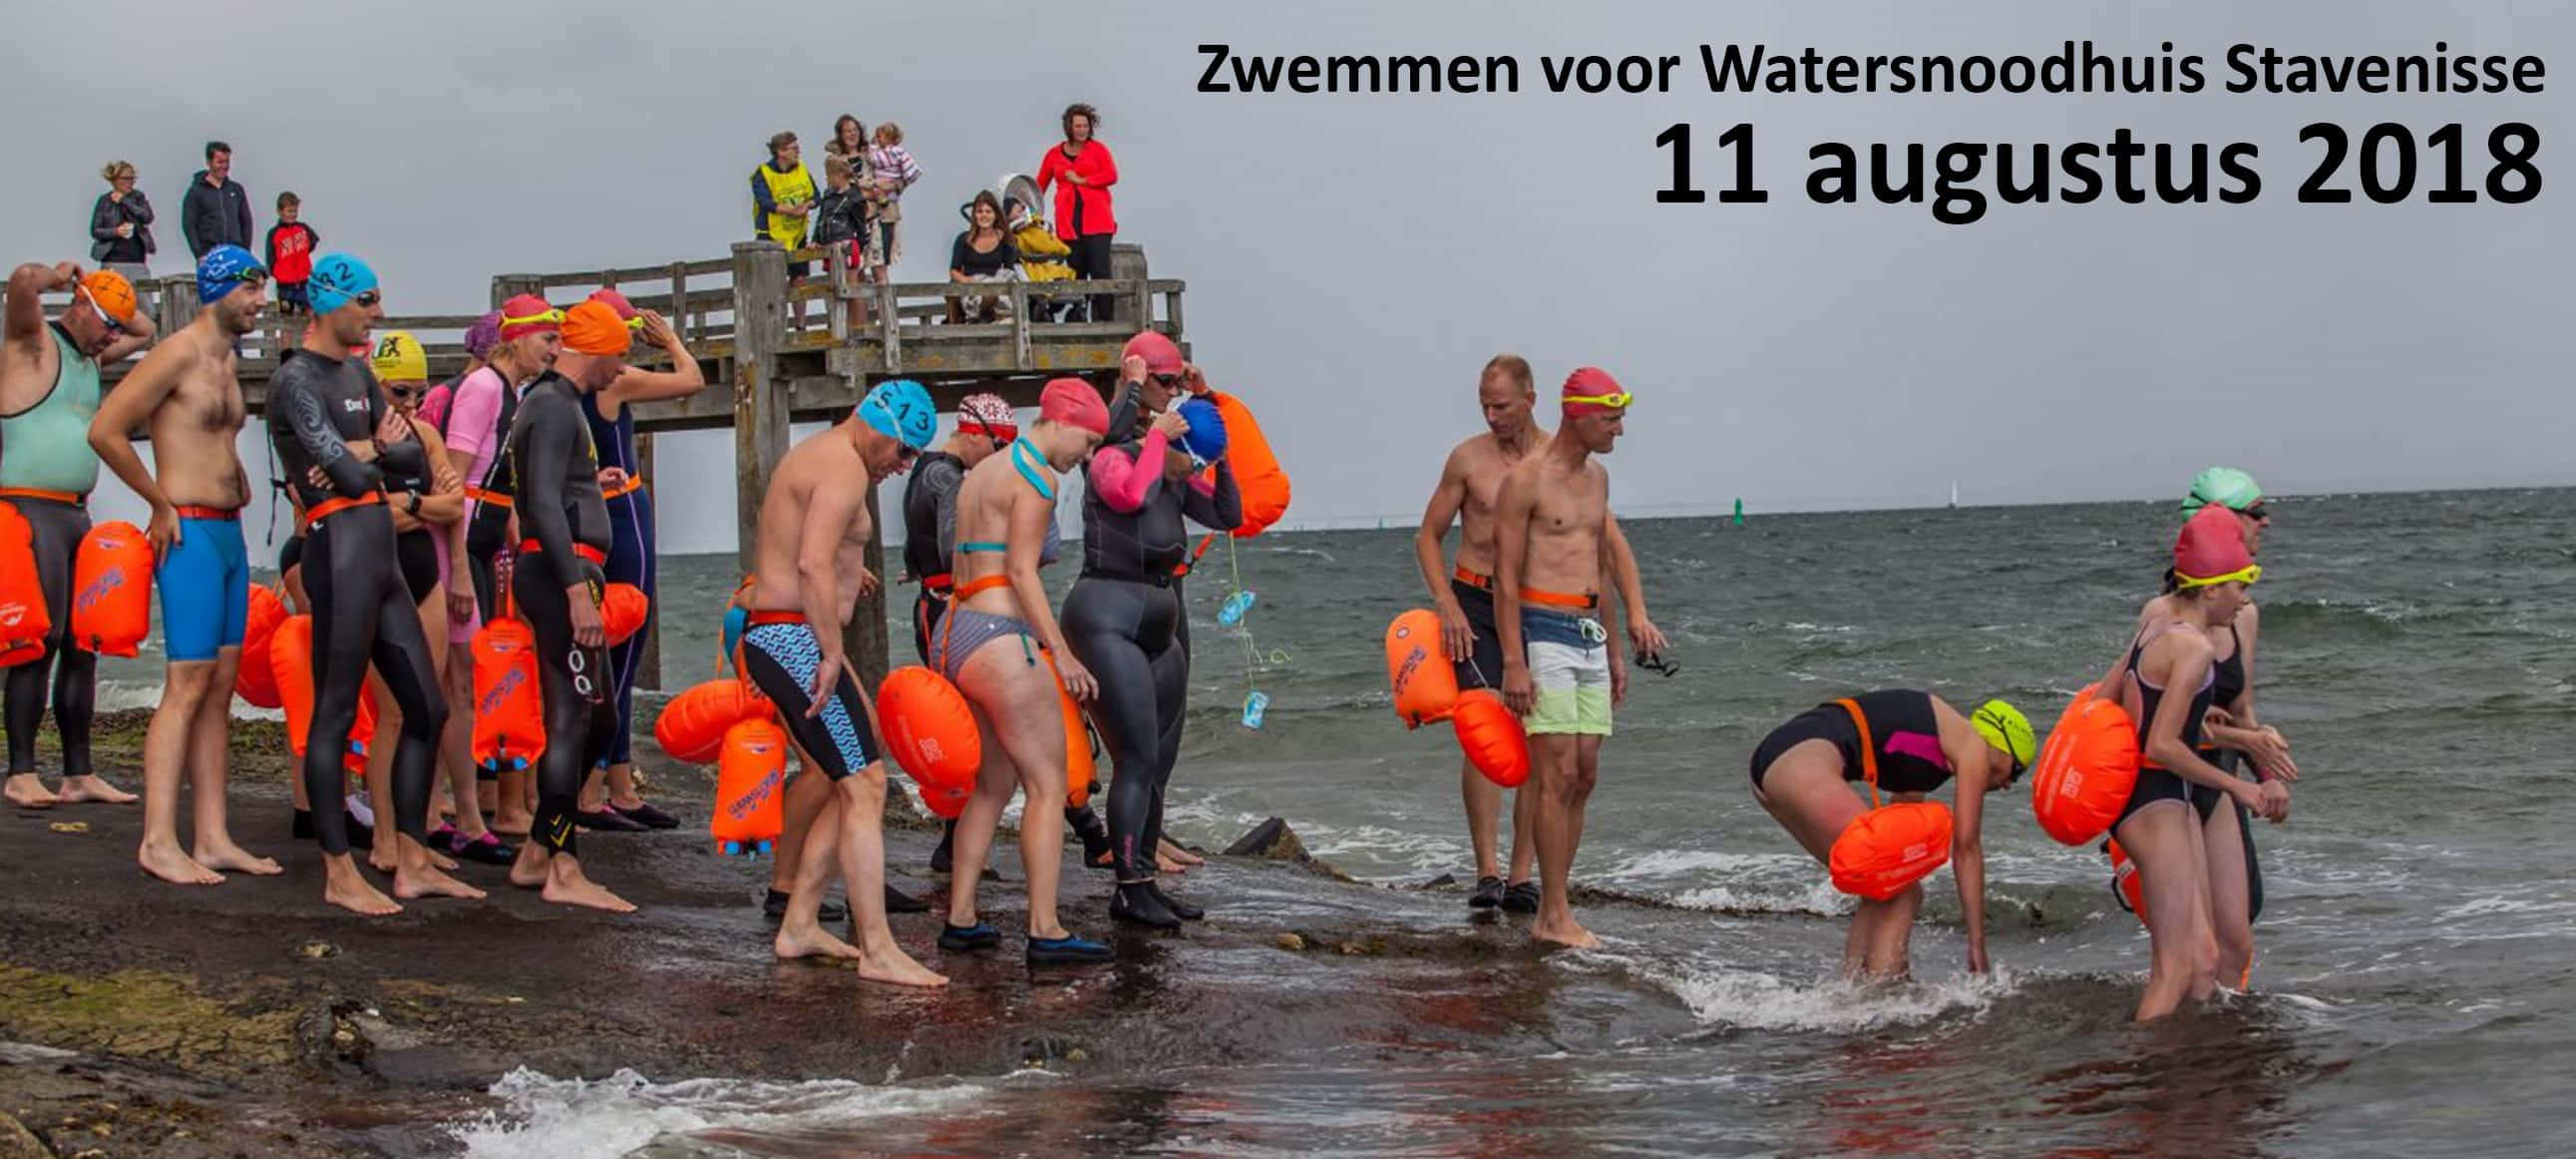 A.S. zaterdag Zwemtocht voor Watersnoodhuis